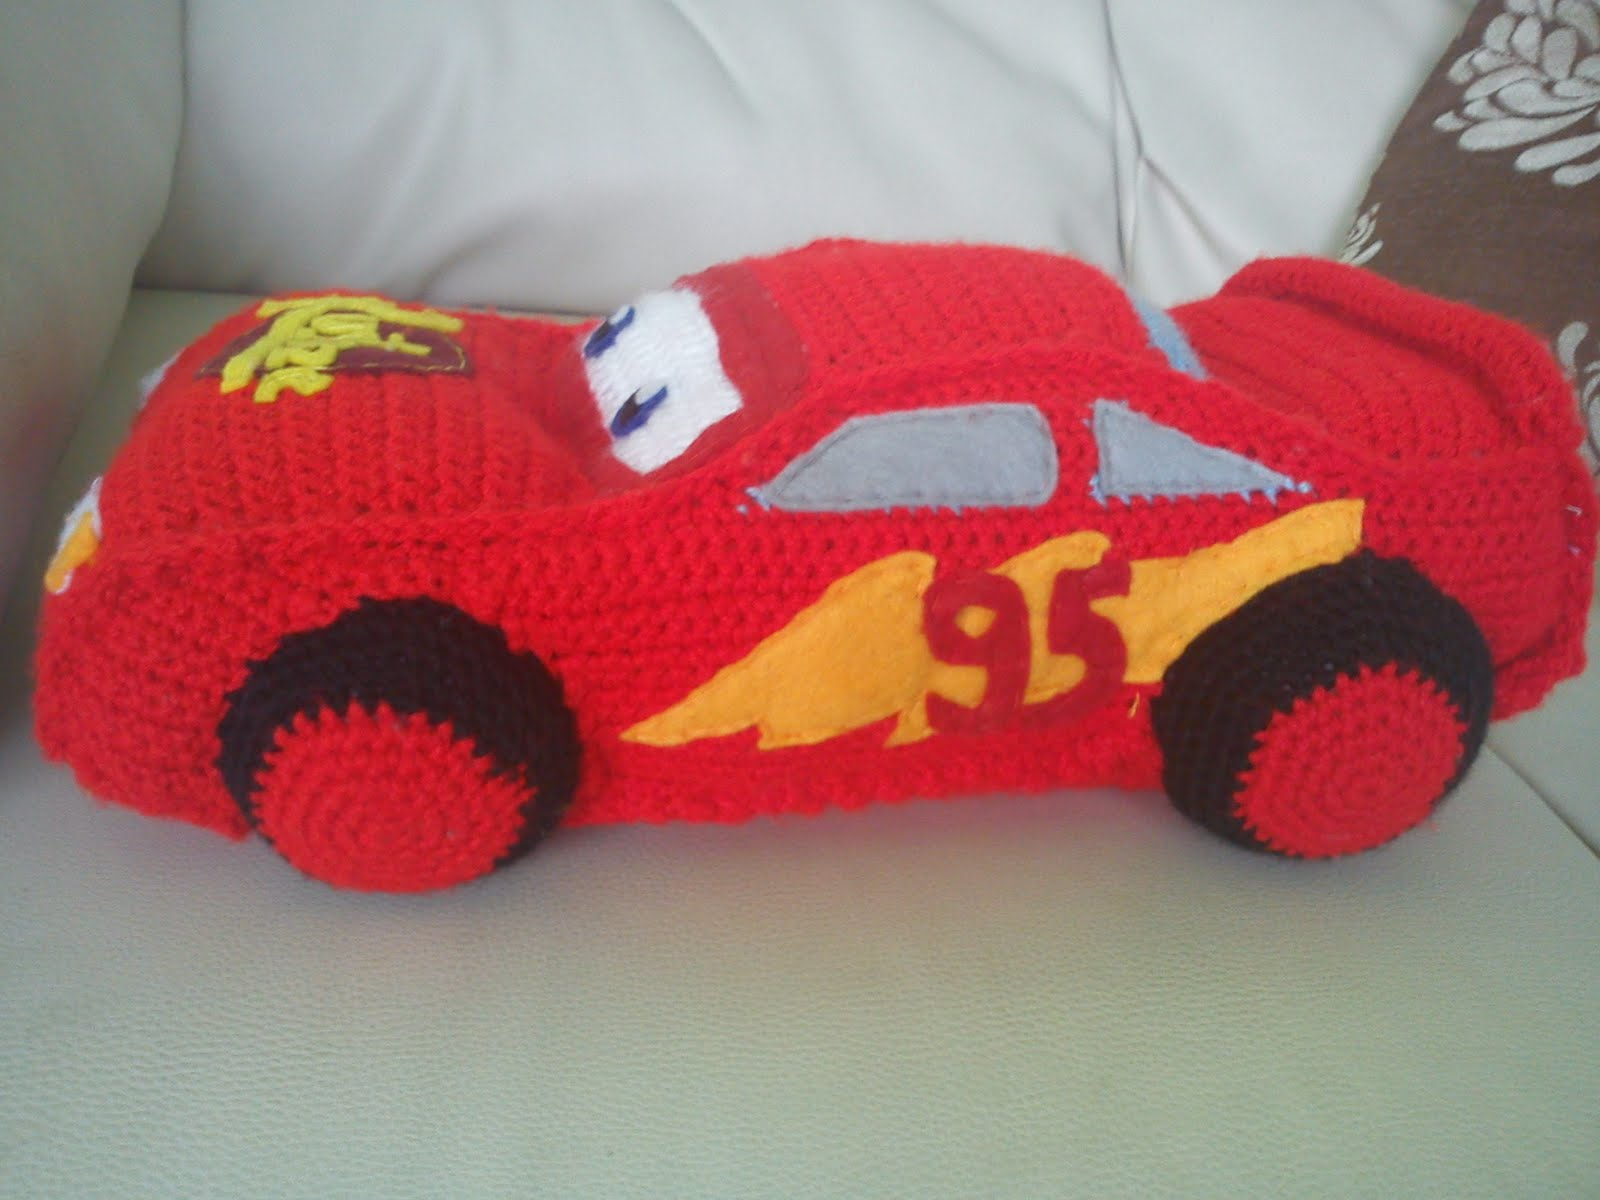 El Auo De Cars2  El  Rayo McQueen   Este Es Un Patr  N  Plicado